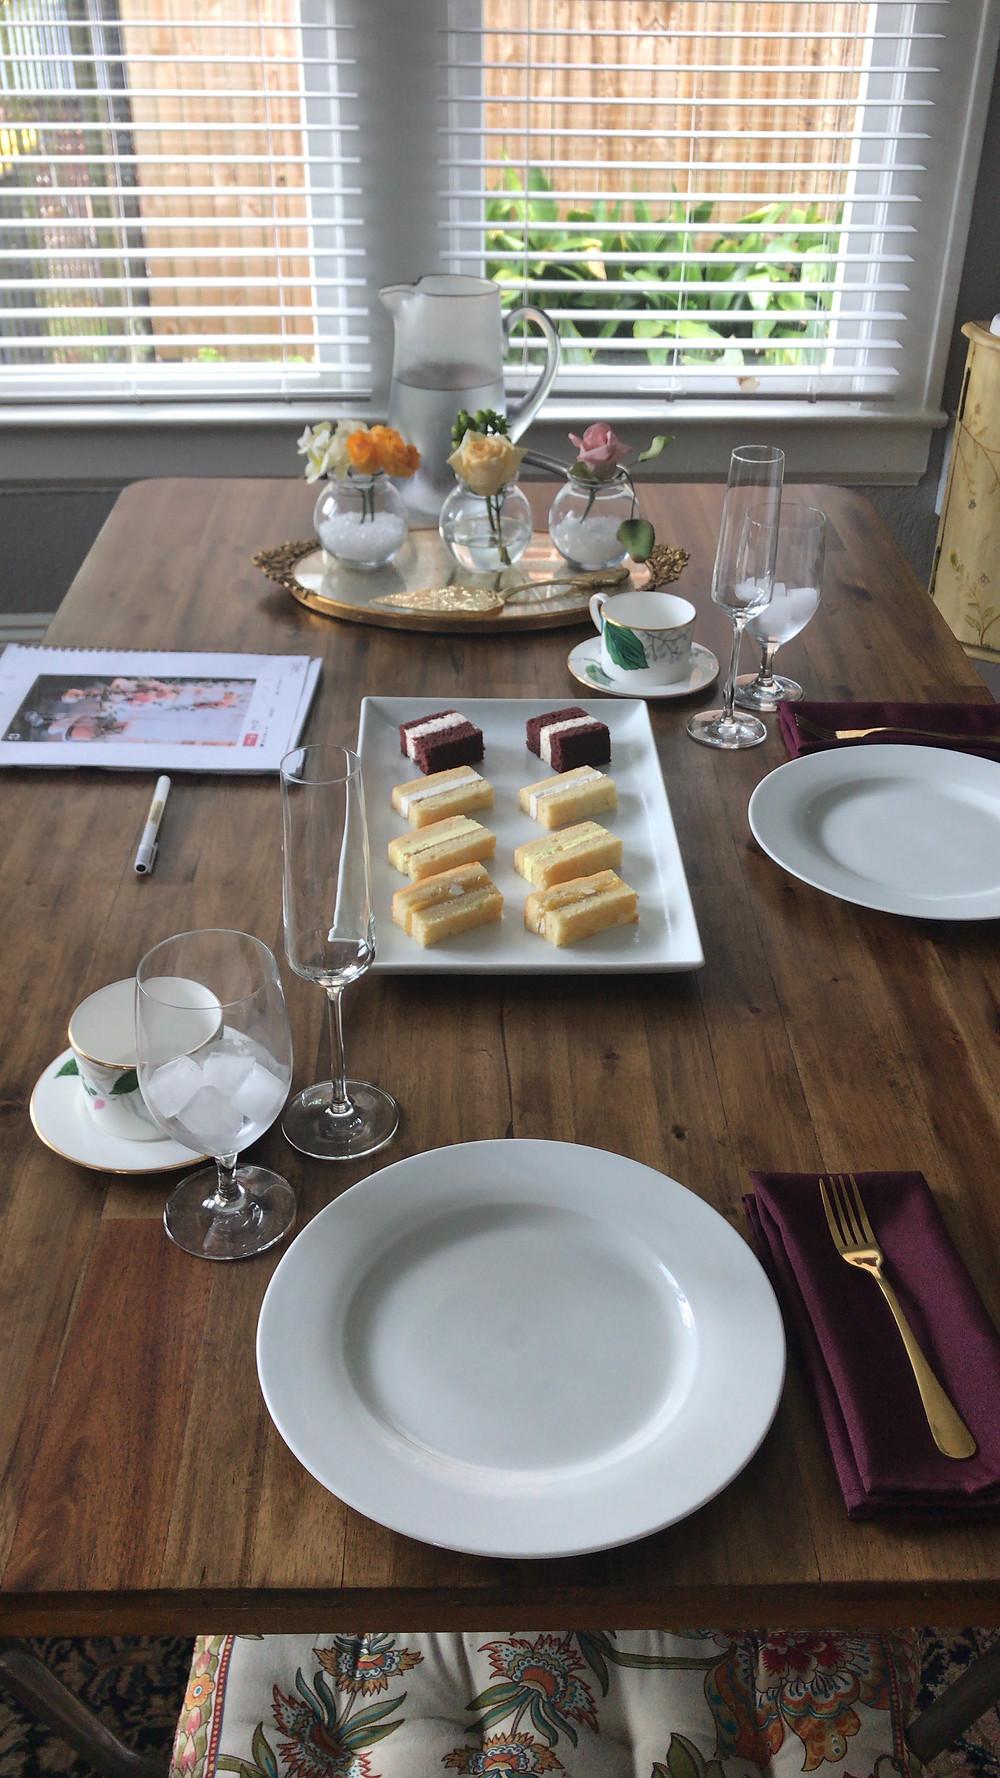 wedding cake tasting set up